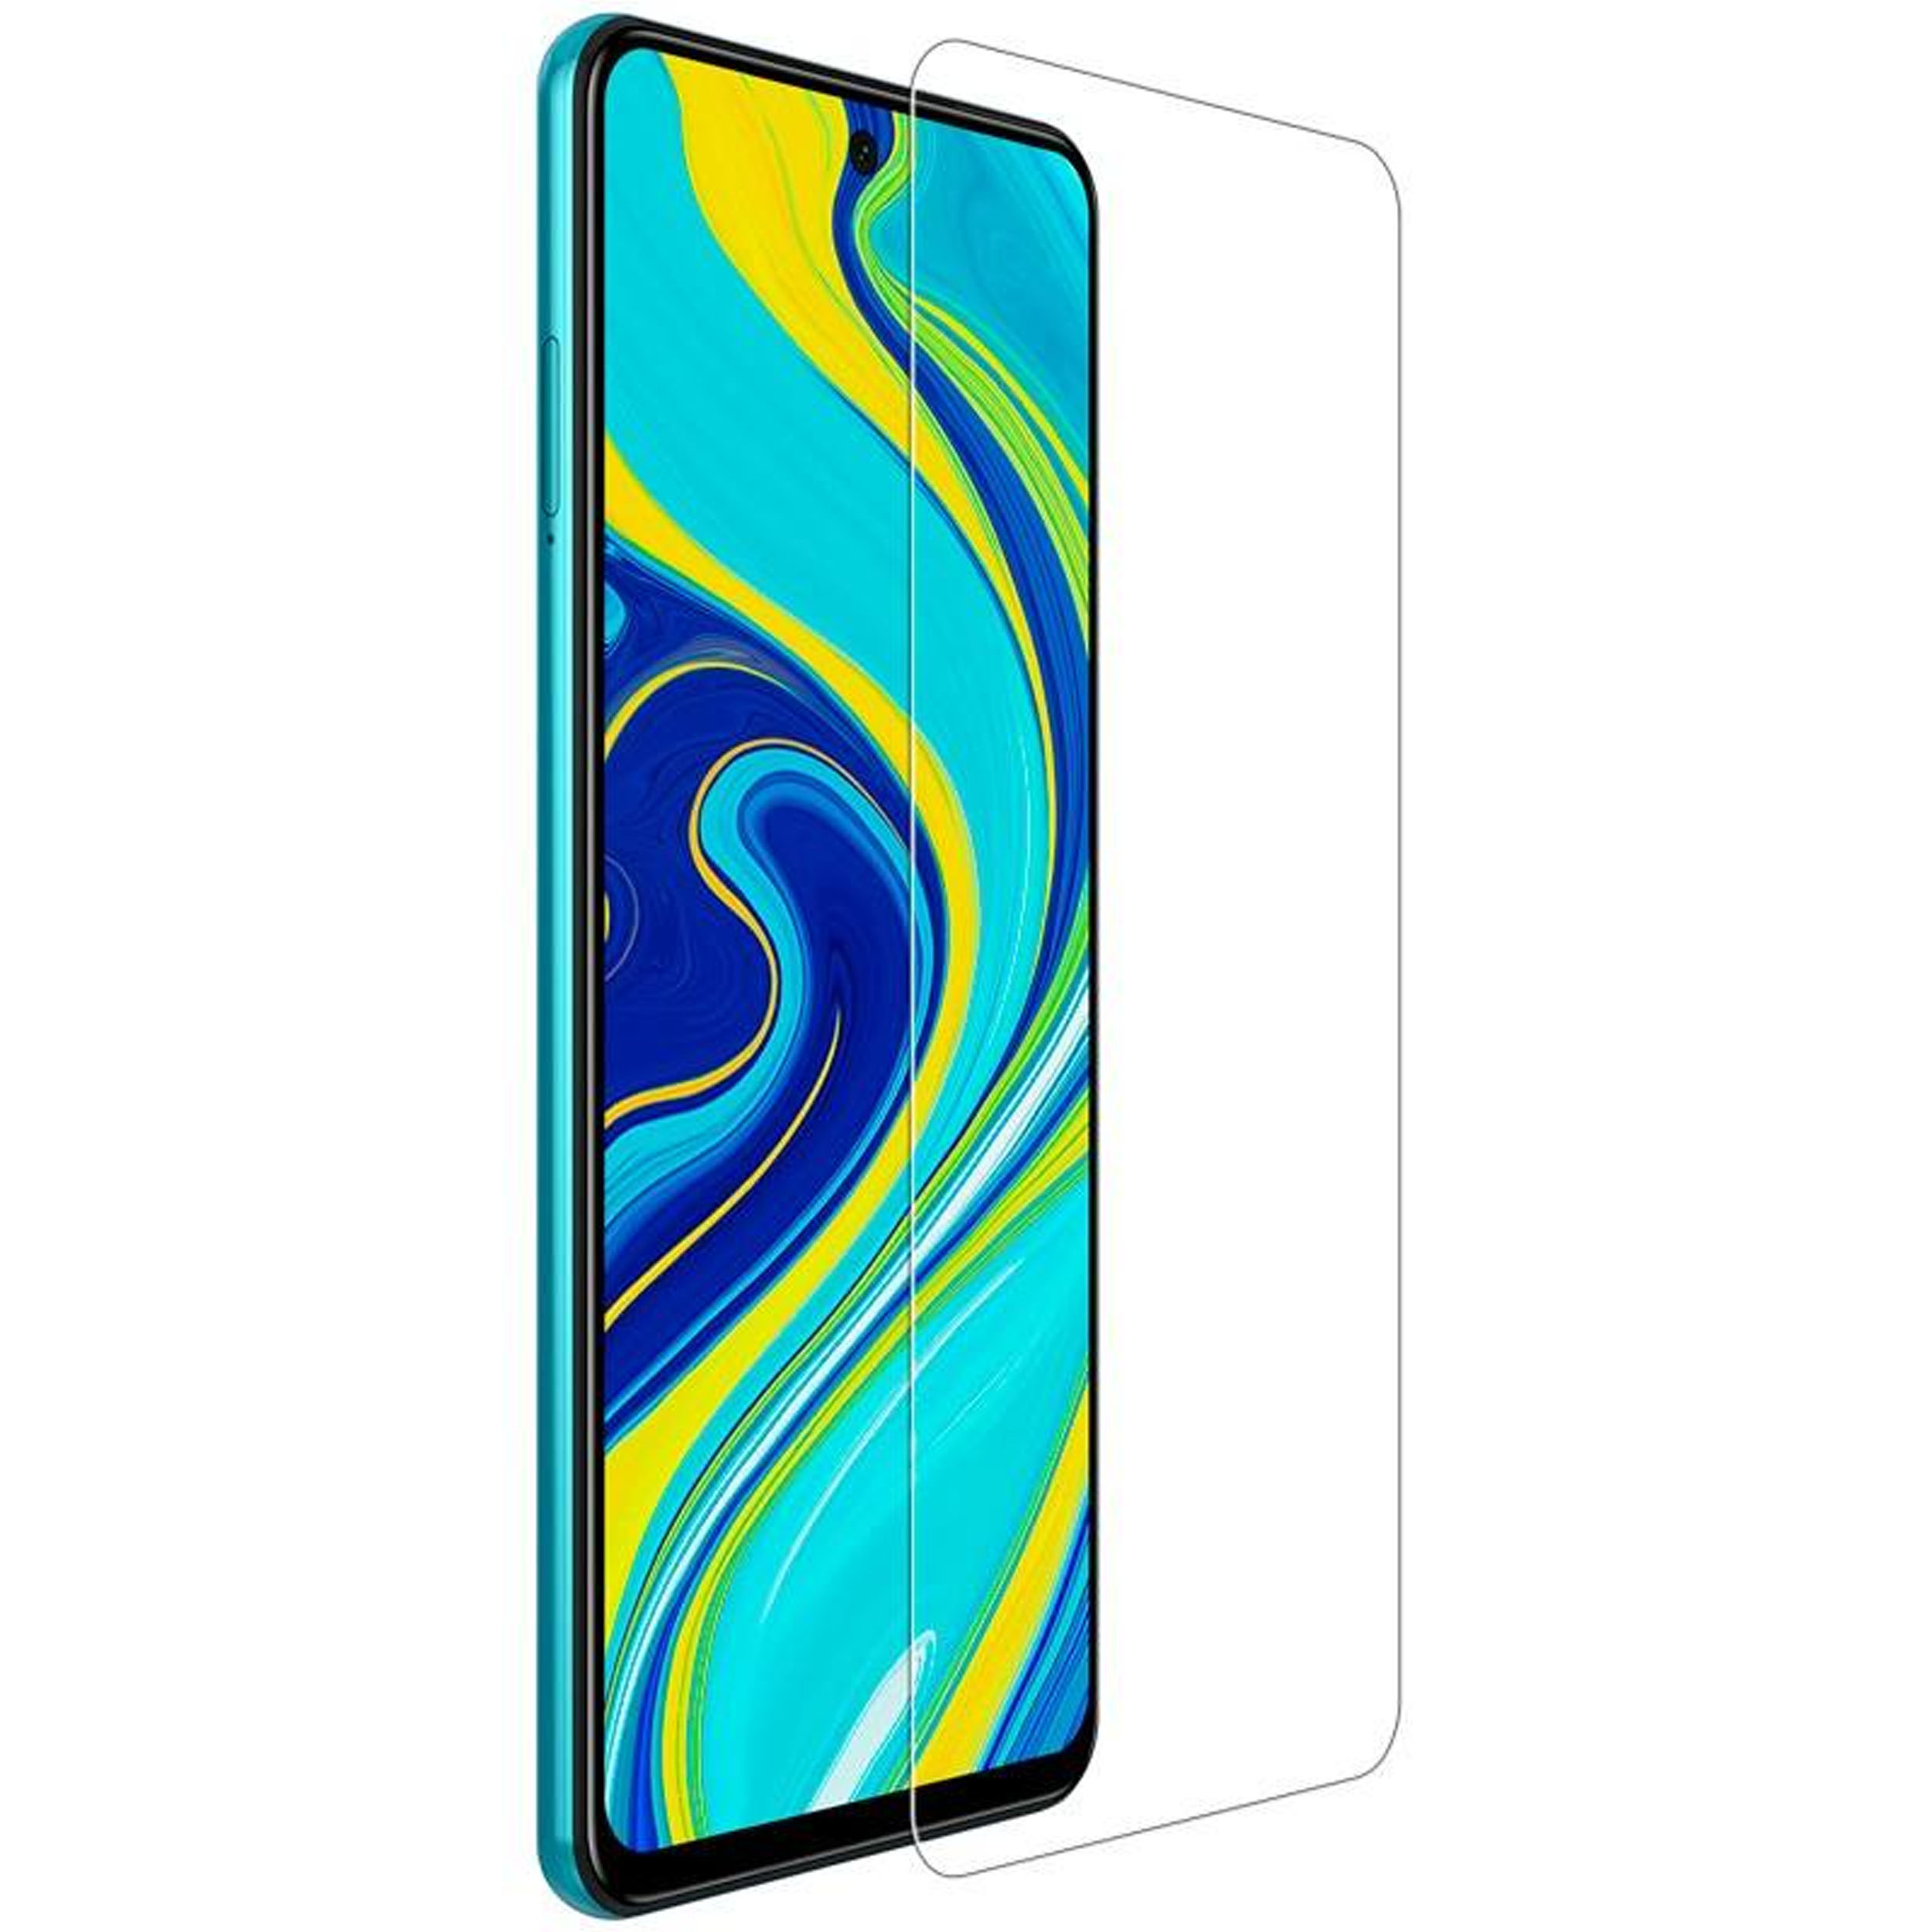 محافظ صفحه نمایش کوالا مدل SDK-002 مناسب برای گوشی موبایل شیائومی Redmi Note 9S              ( قیمت و خرید)